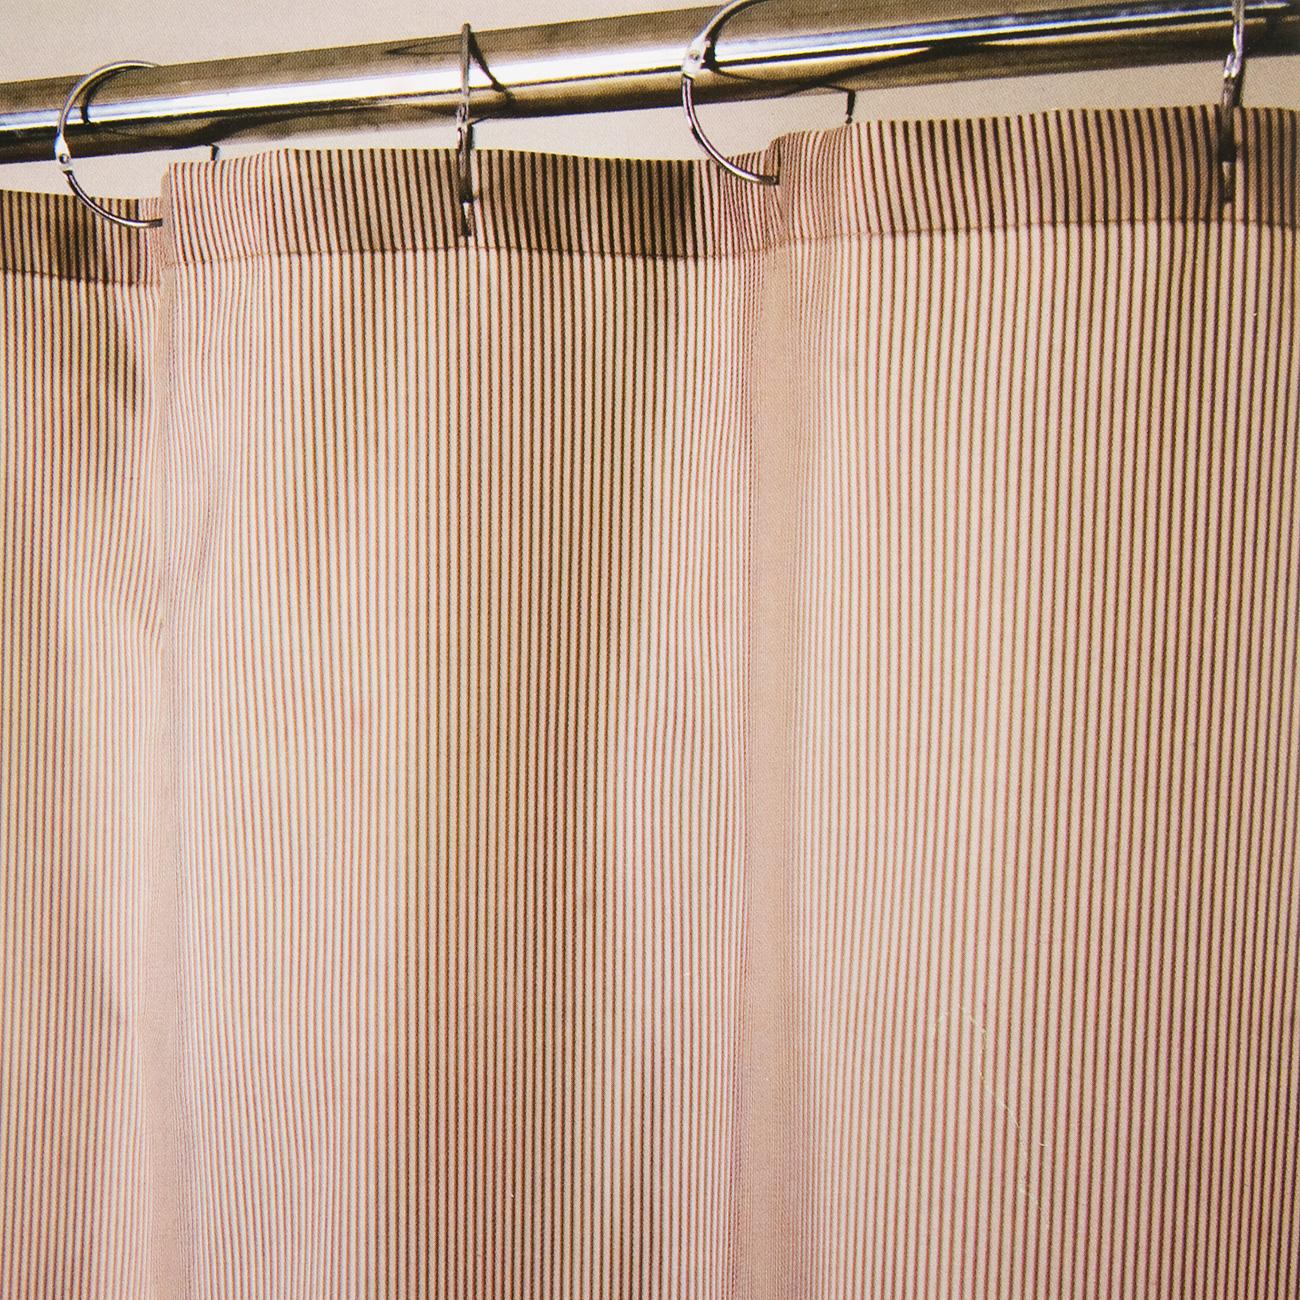 Штора для ванной комнаты Aqva Line Ваниль, с крючками, 180 х 180 см1300083Штора для ванной комнаты Aqva Line Ваниль, изготовленная из высококачественного полиэстера, приятна на ощупь, устойчива к разрывам и проколам, не пропускает воду. Она надежно защитит от брызг и капель пространство вашей ванной комнаты в то время, пока вы принимаете душ, а привлекательный дизайн шторы наполнит вашу ванную комнату положительной энергией.